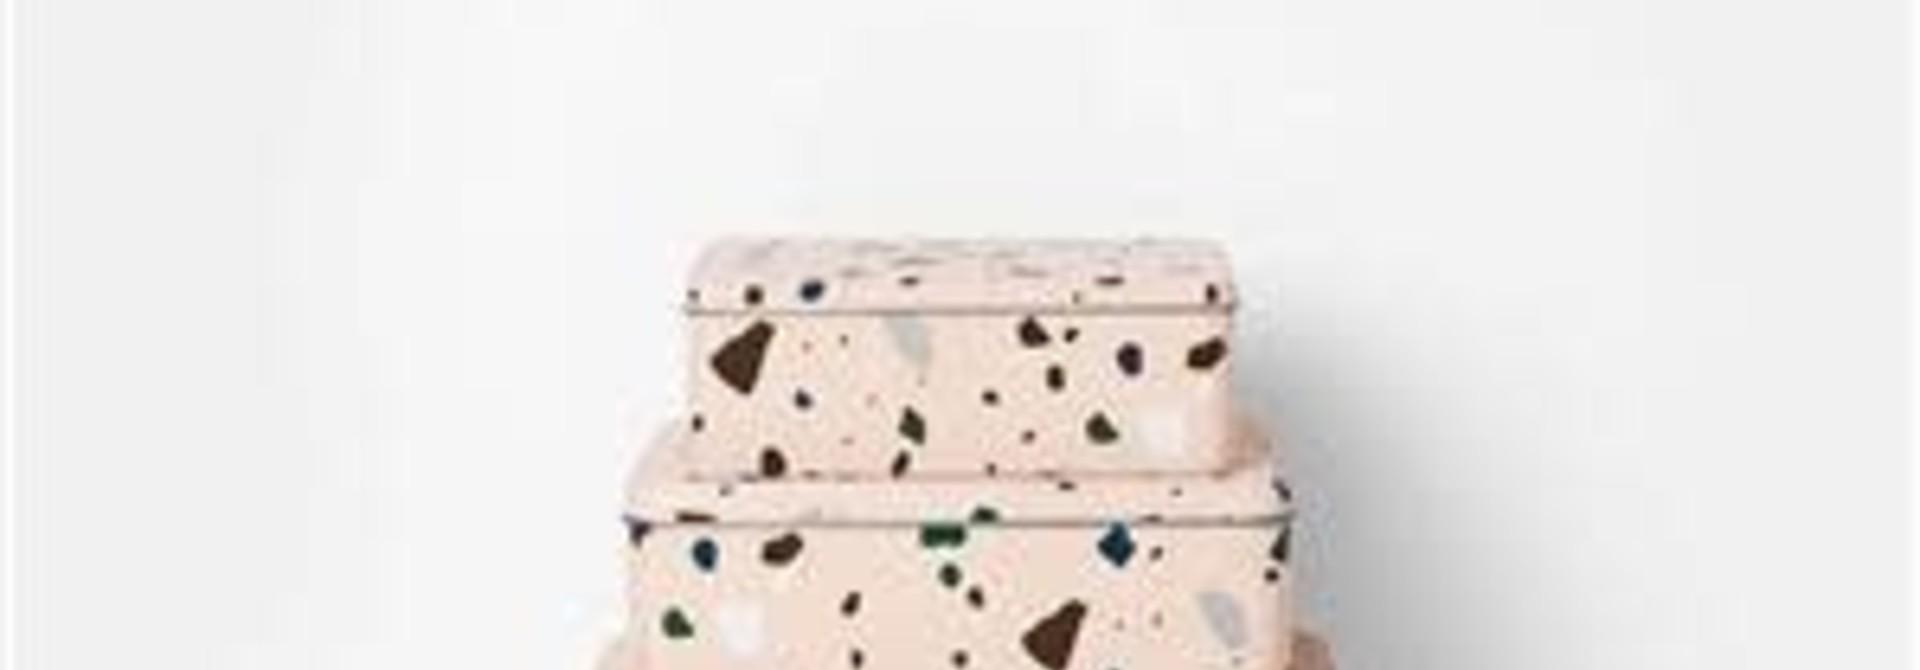 Tin boxes Terrazzo